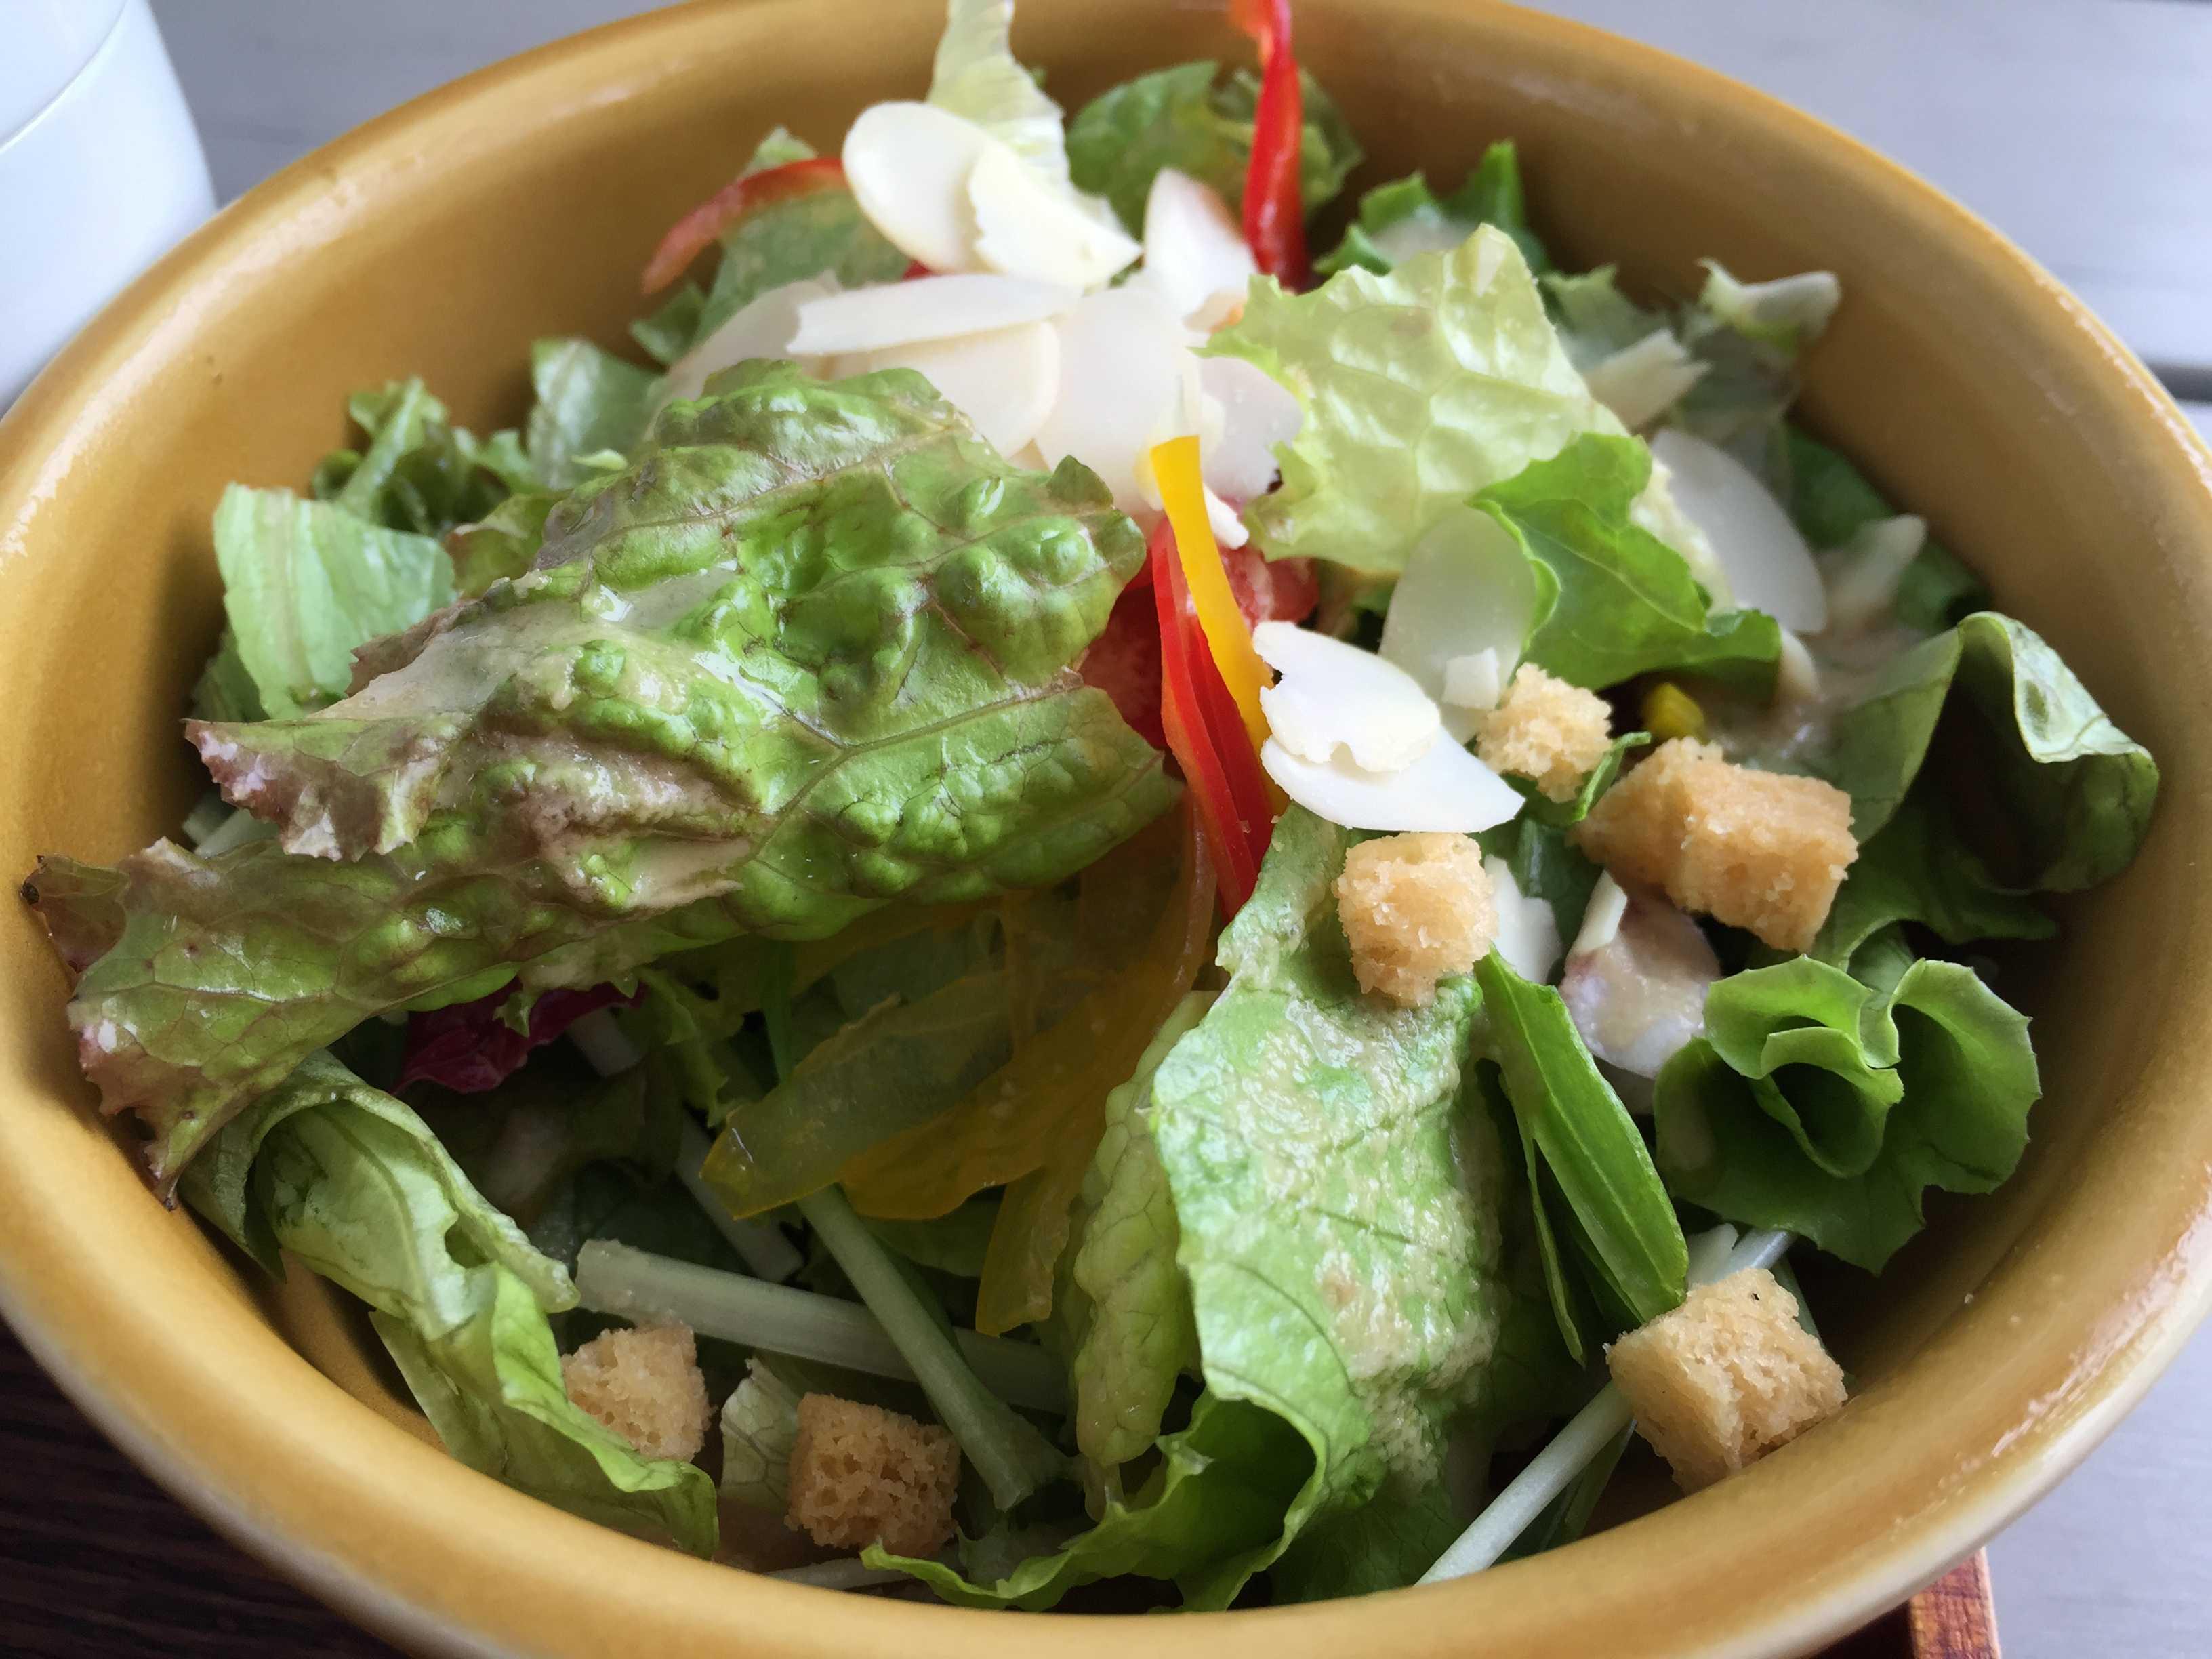 サラダ - カキノキテラス